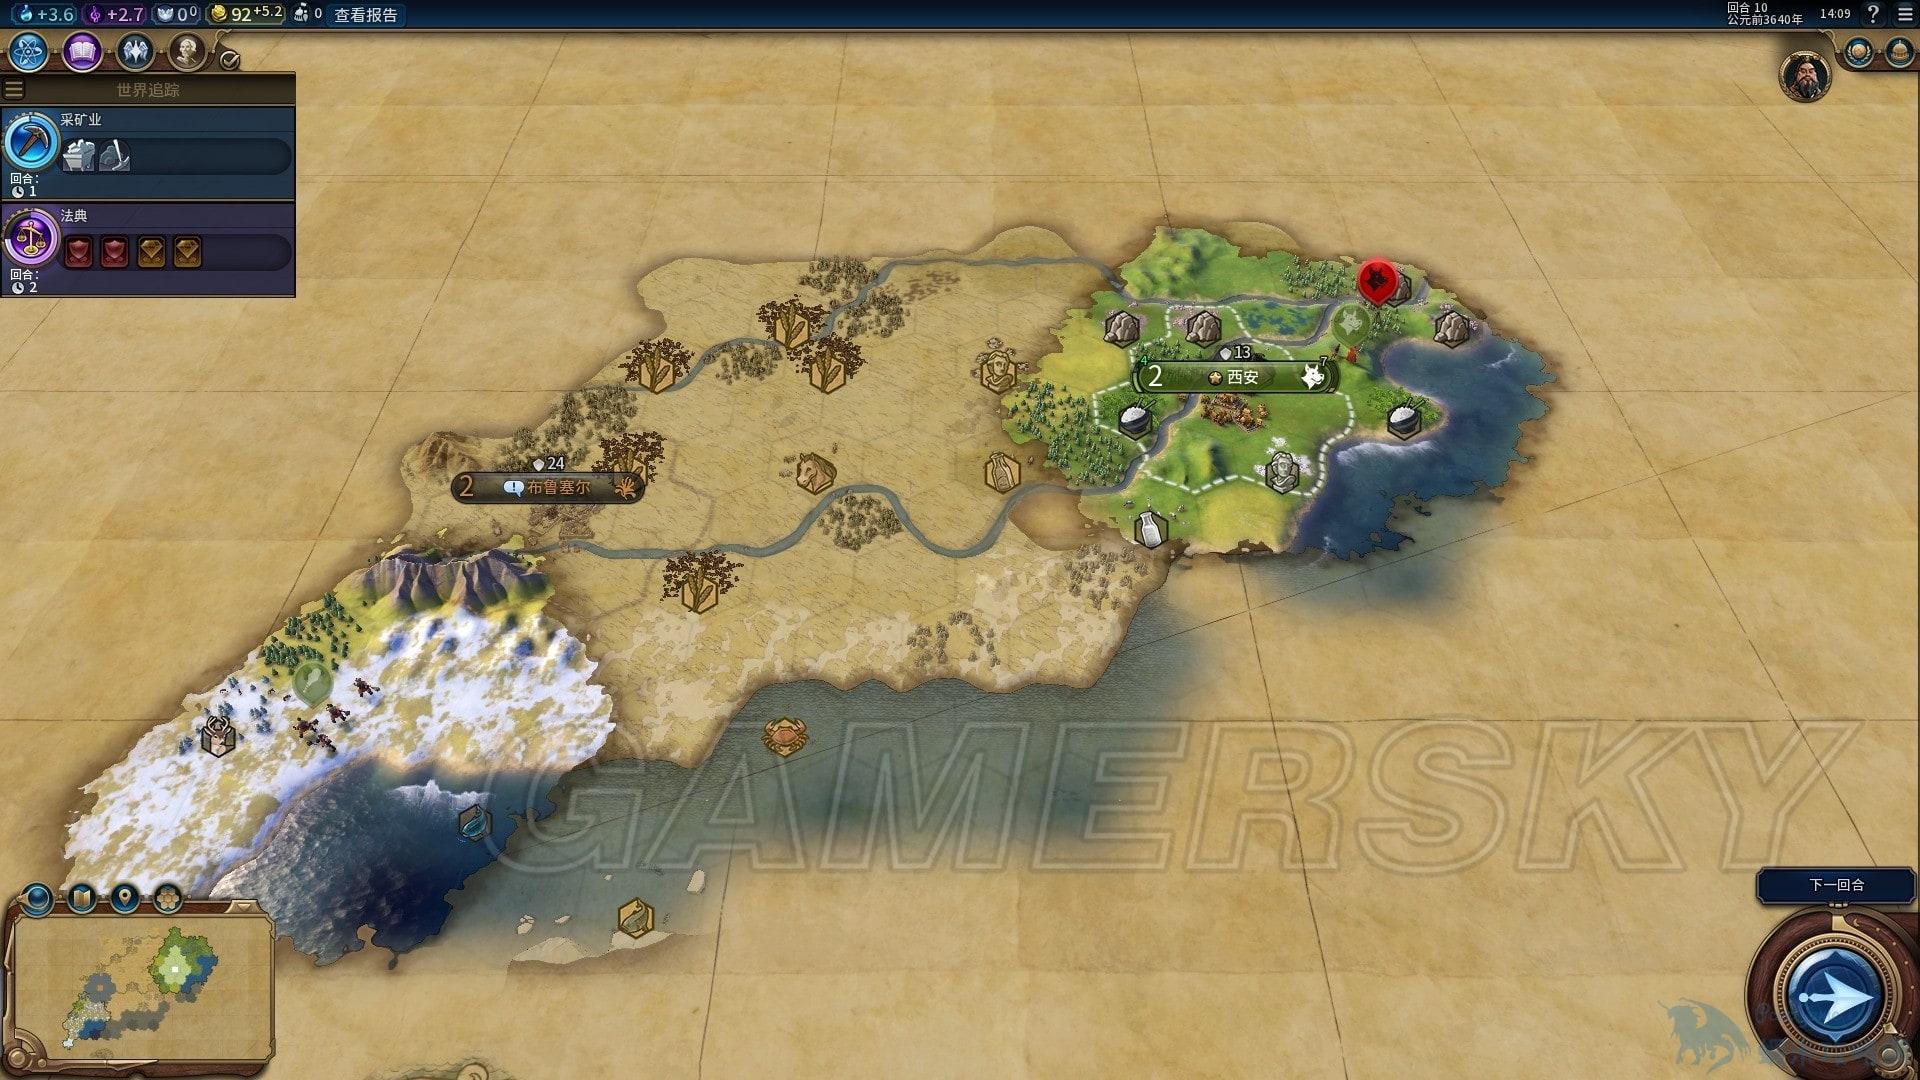 文明帝國 6 秦始皇天神難度開局玩法戰報 秦始皇天神難度怎麼打